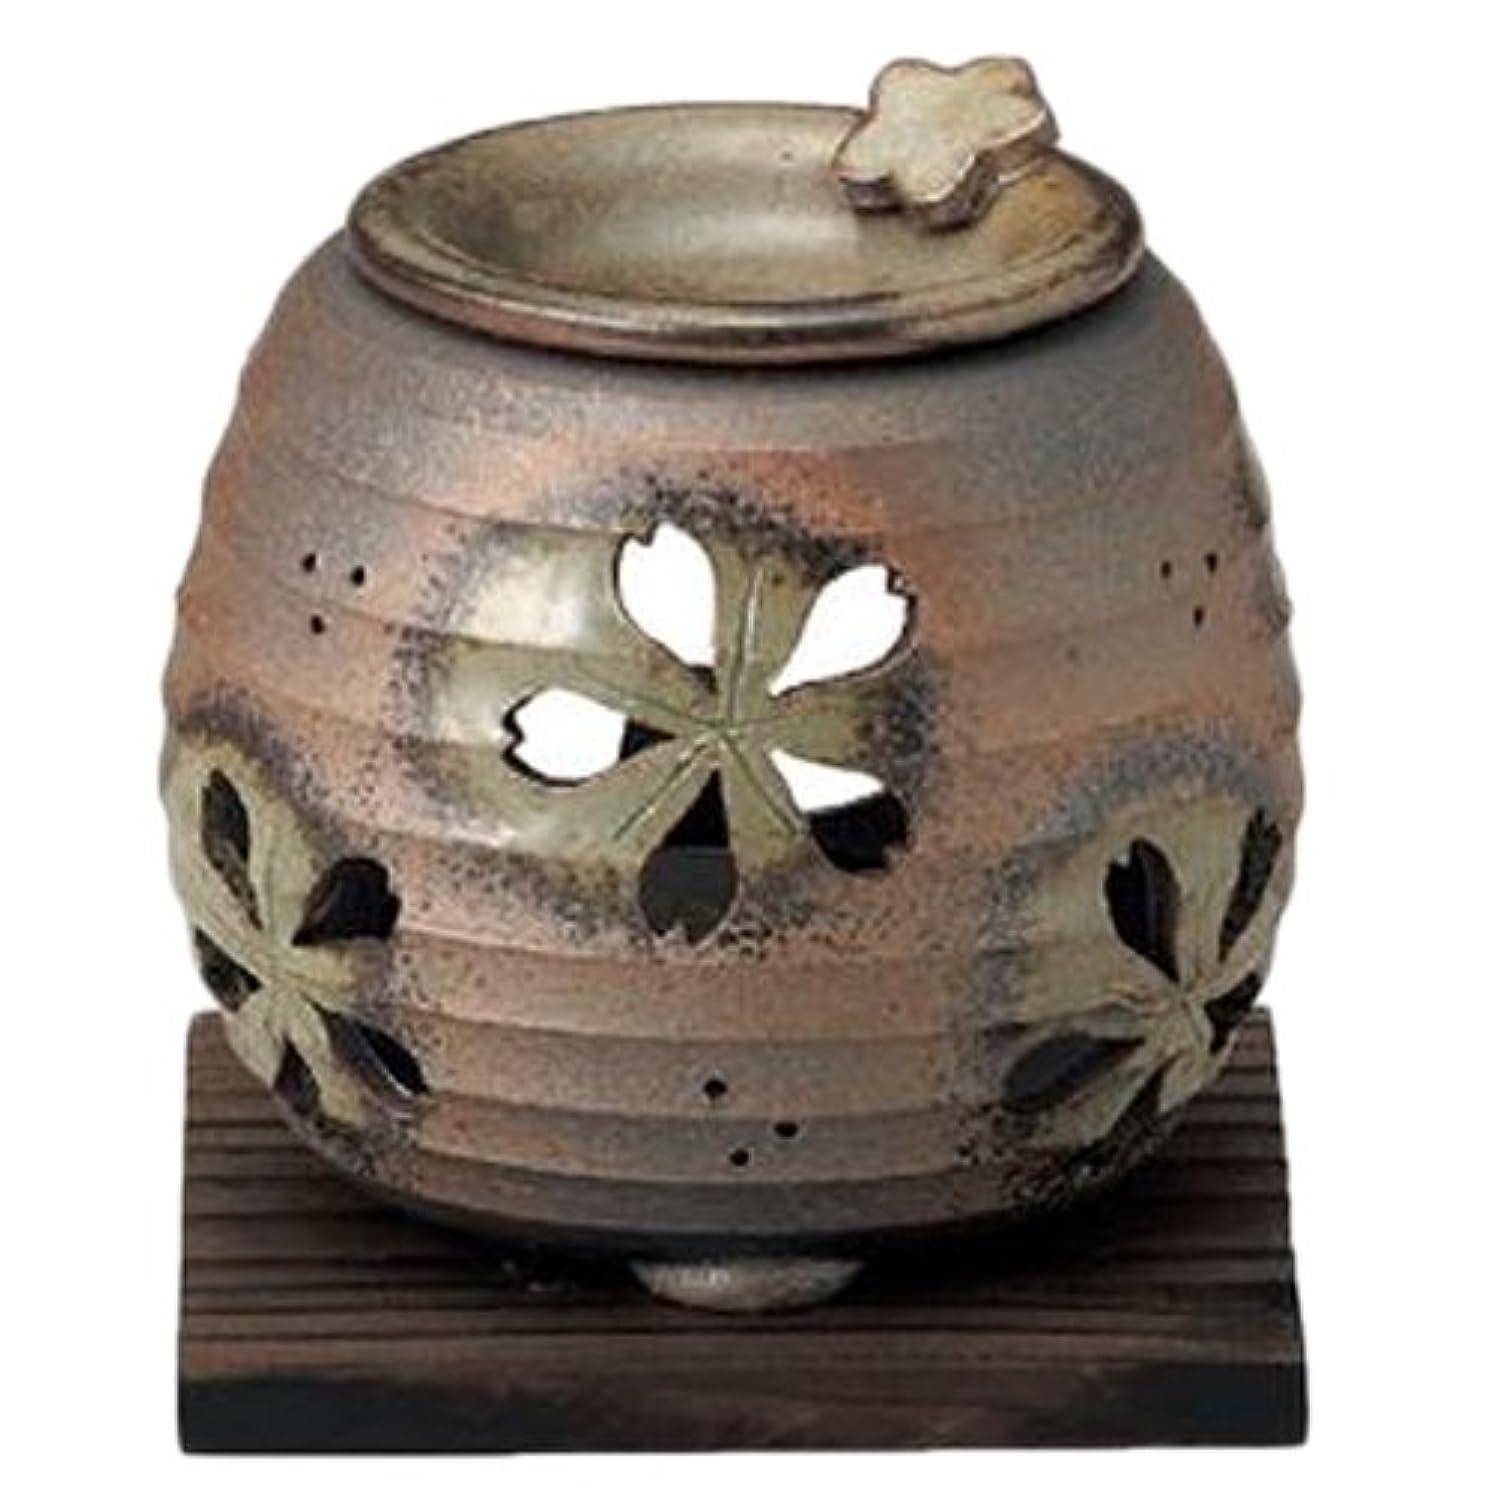 台無しに非難する休憩常滑焼6-249石龍 緑灰釉桜透かし茶香炉 AM-T1205